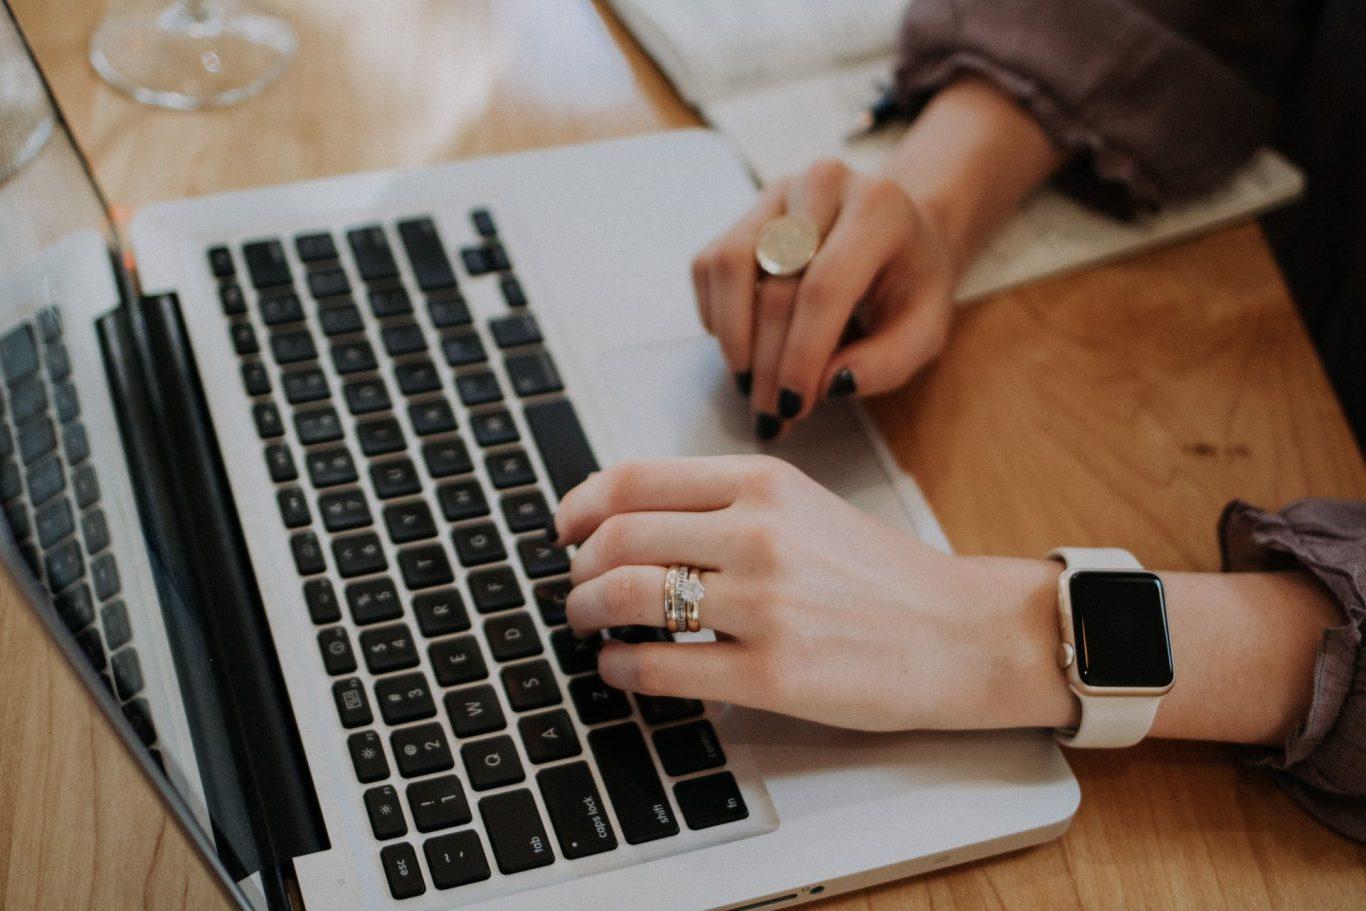 Yksinyrittäjän toimintatuen hakemusten käsittely- ja maksatusaikataulu